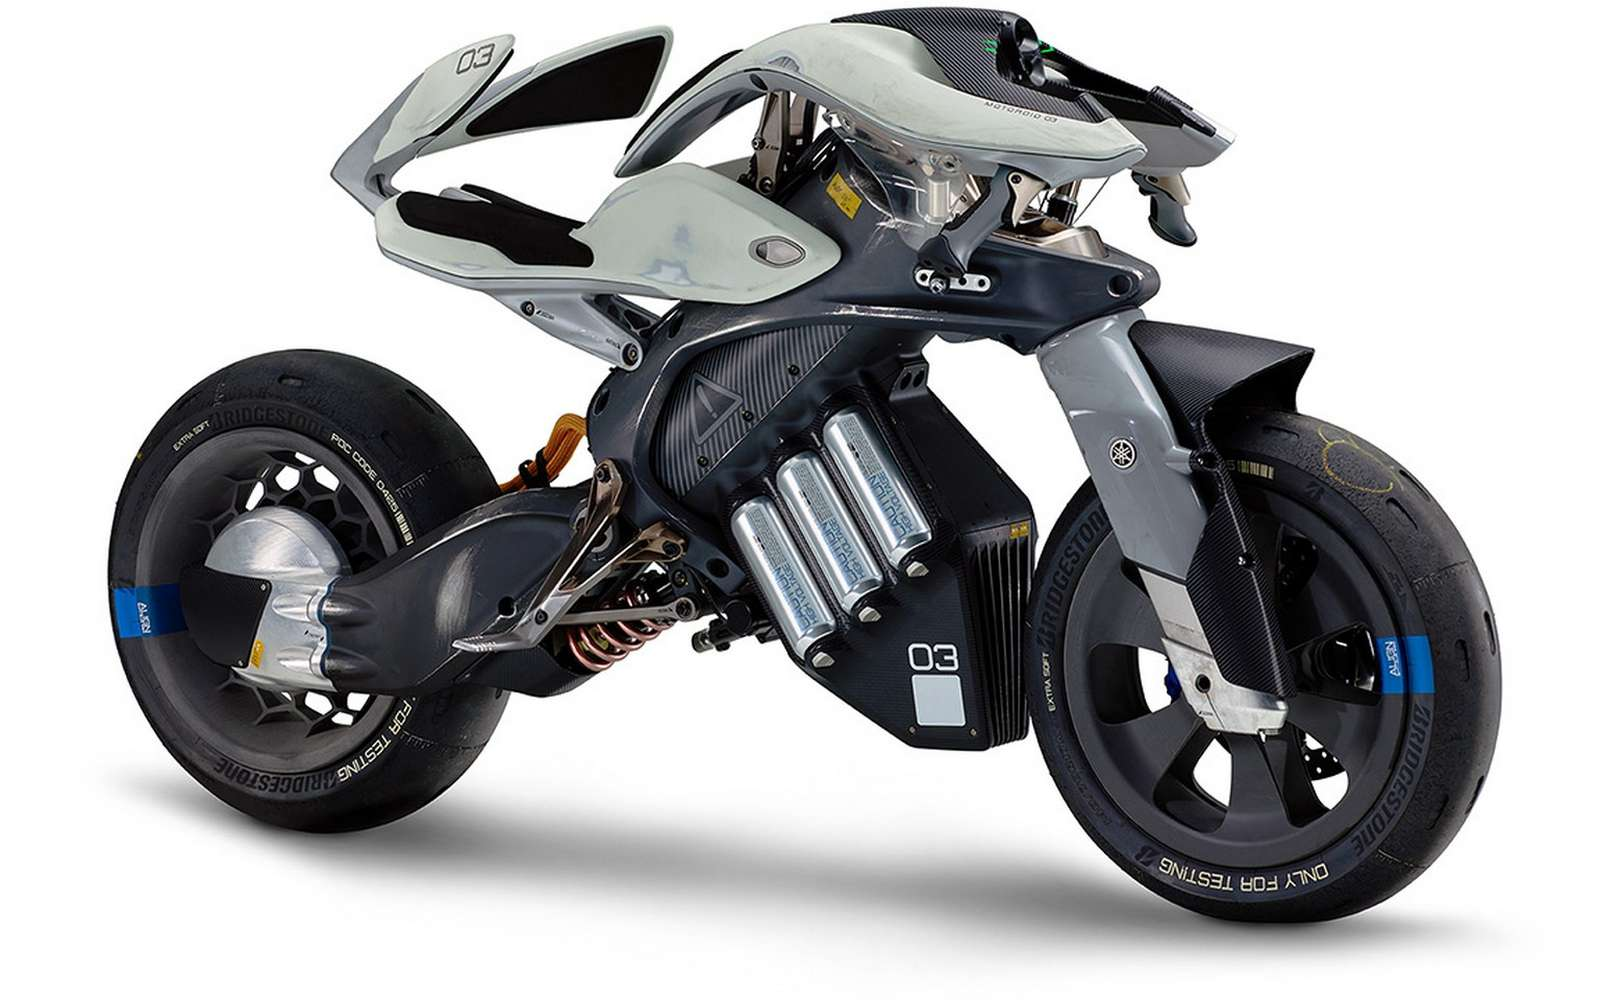 La Motoroid de Yamaha est un concept de développement. © Yamaha